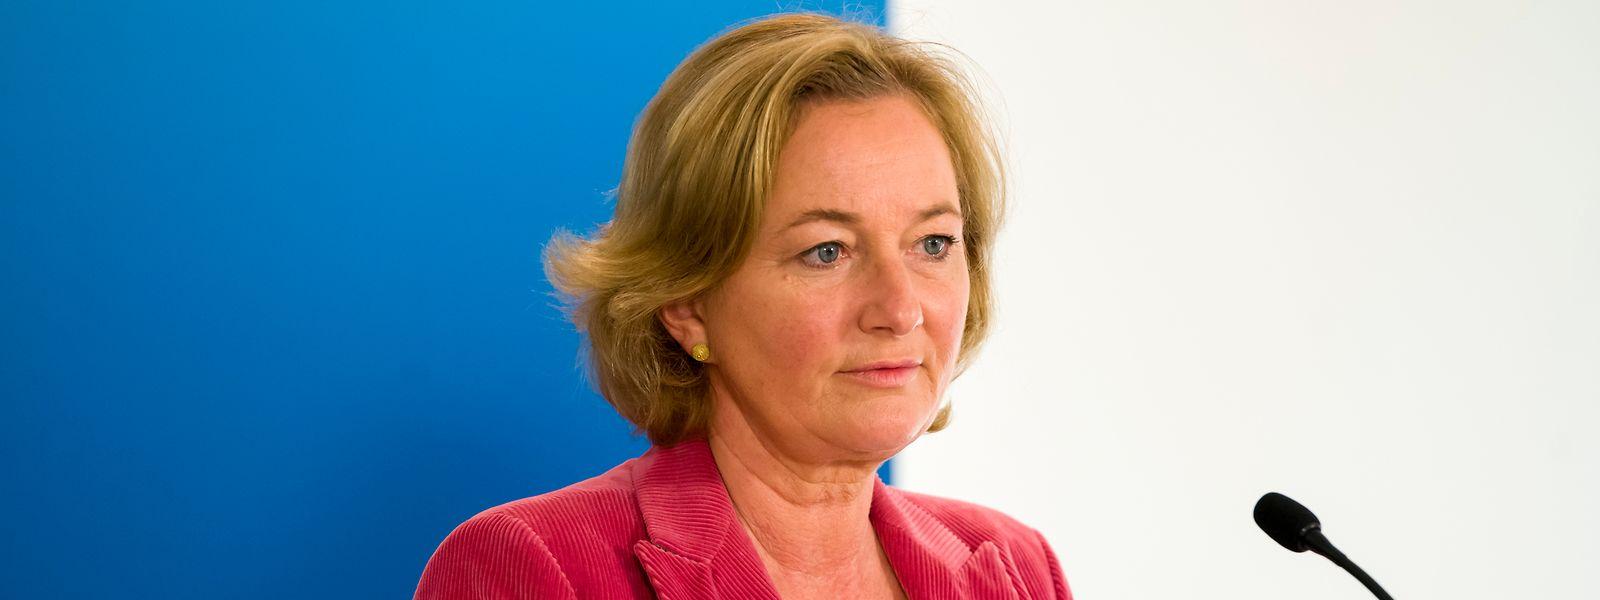 Paulette Lenert, la ministre de la Santé, entoure le retour des consultations médicales d'une large panoplie de mesures de protection sanitaire